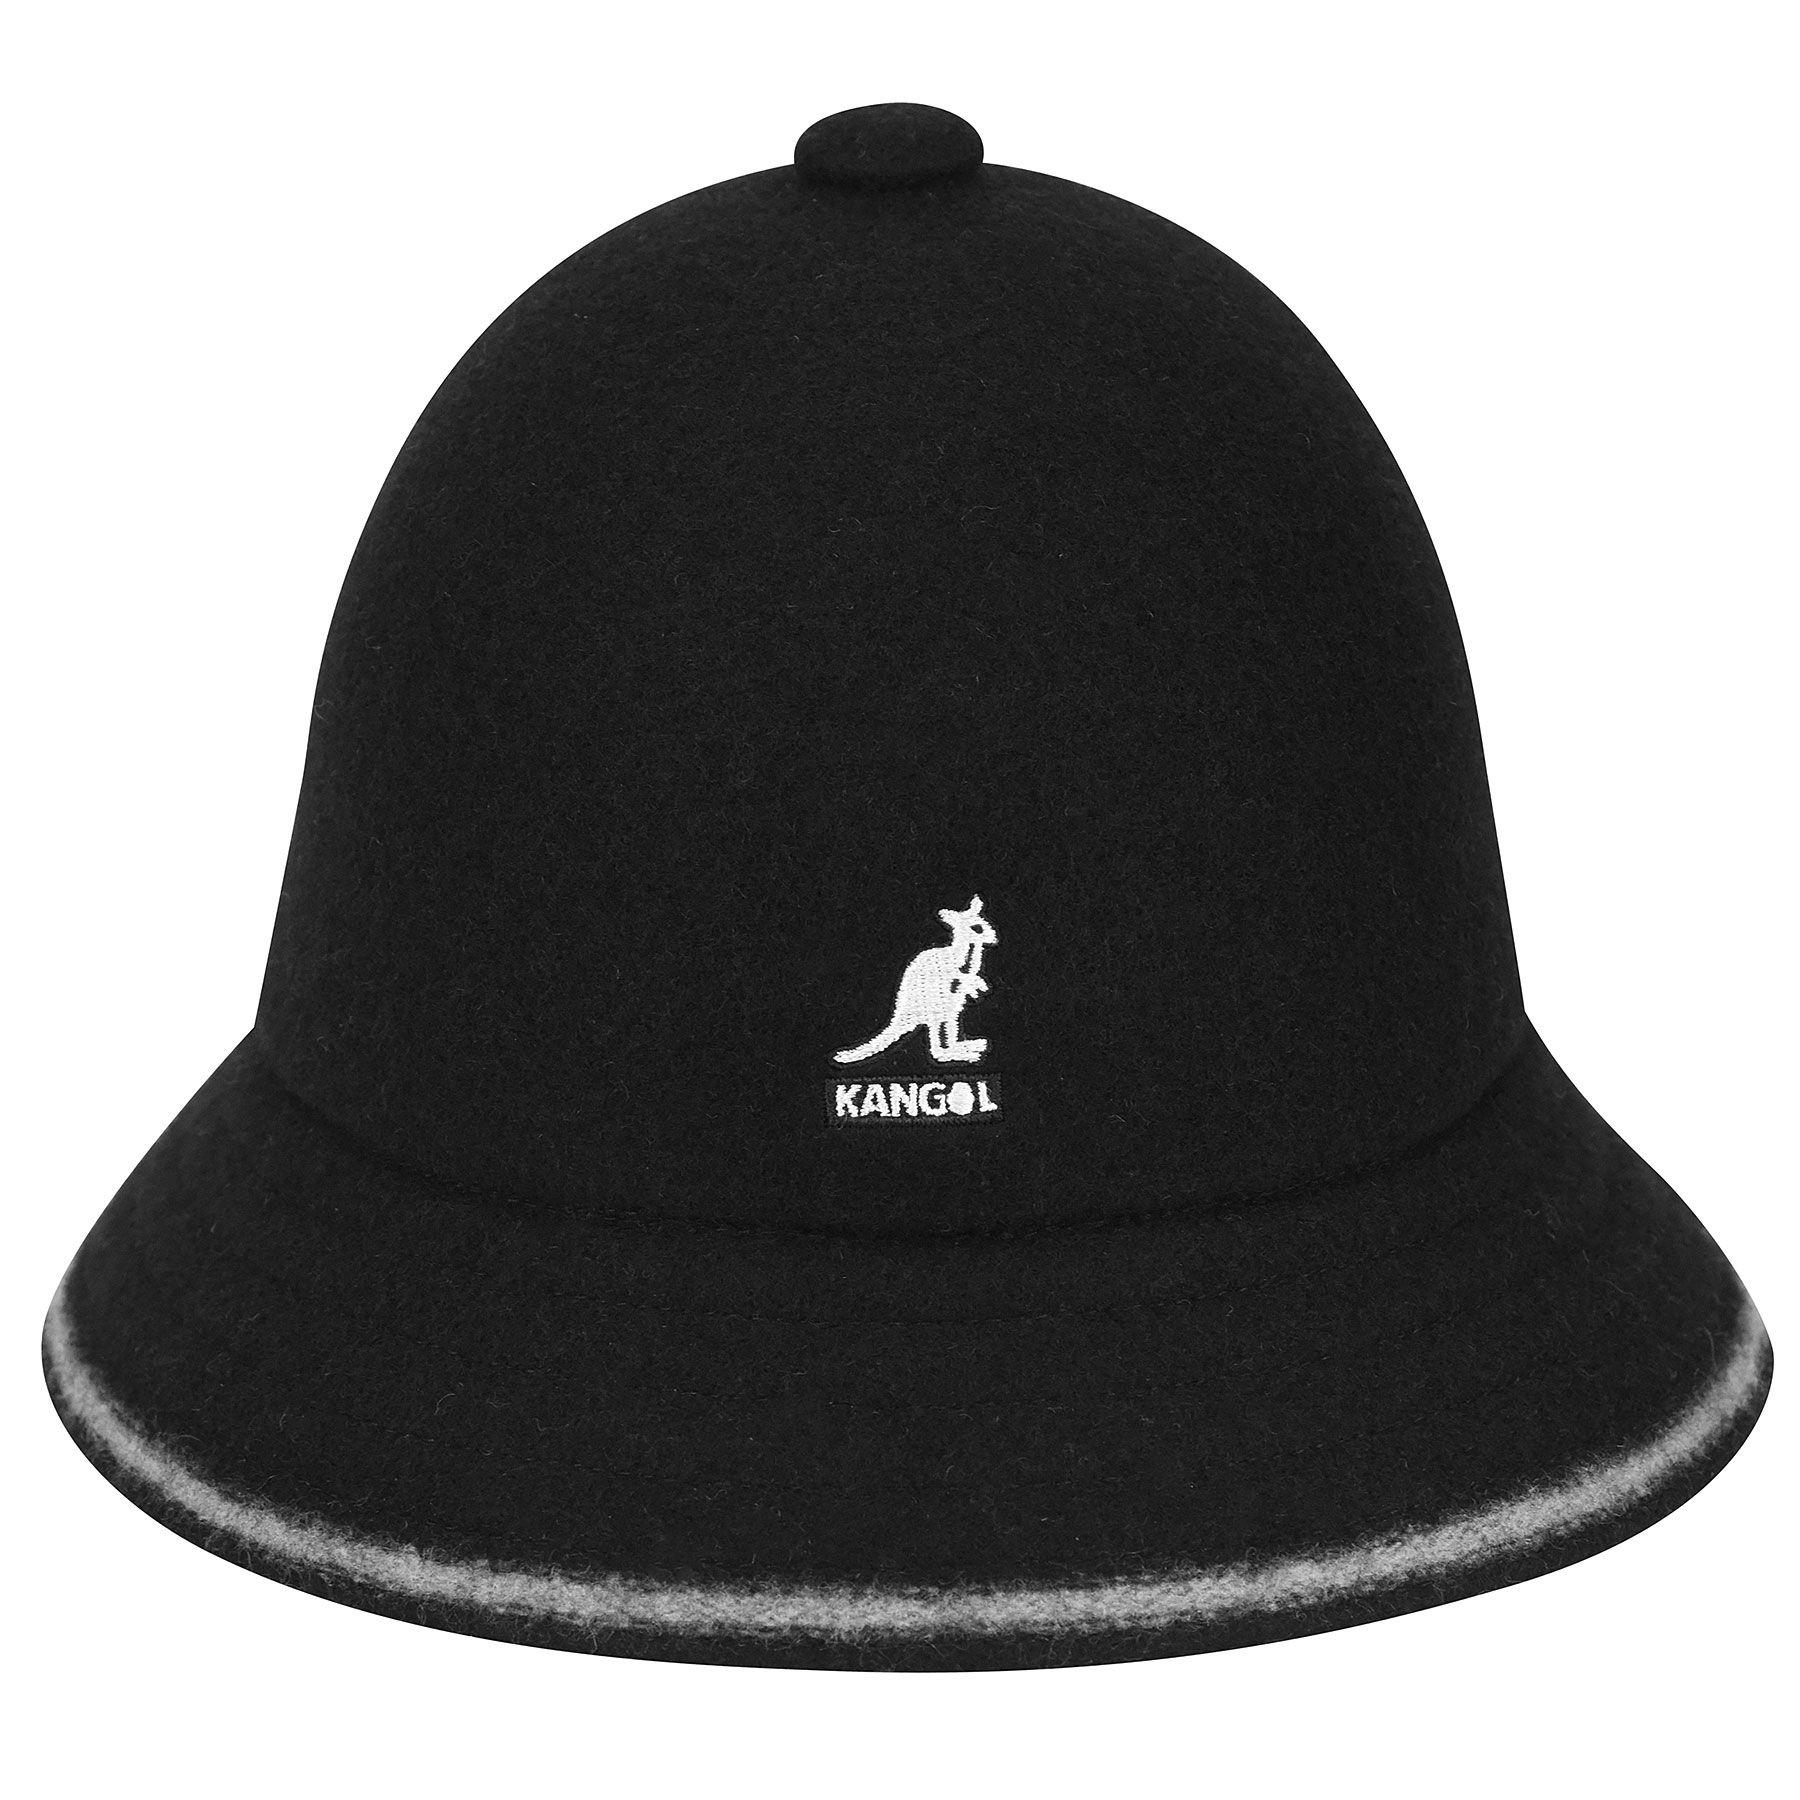 K3181ST BO013 AV2 2 · K3181ST BO013 AV3 2 · kangol stripe casual kalap c5c056b16f